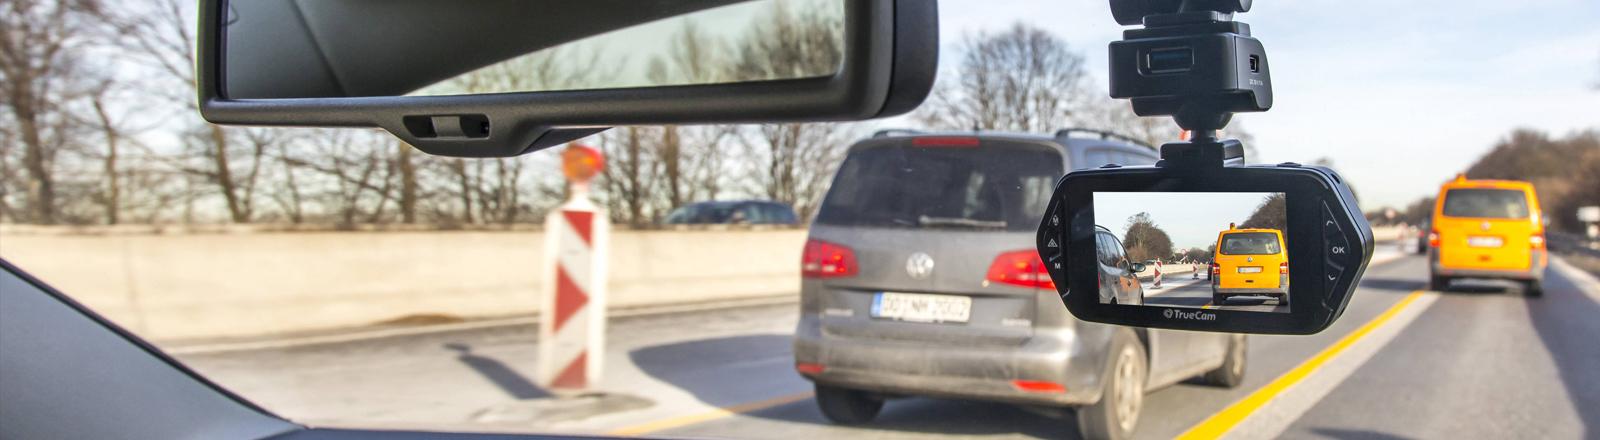 Dashcam an der Windschutzscheibe eines Autos